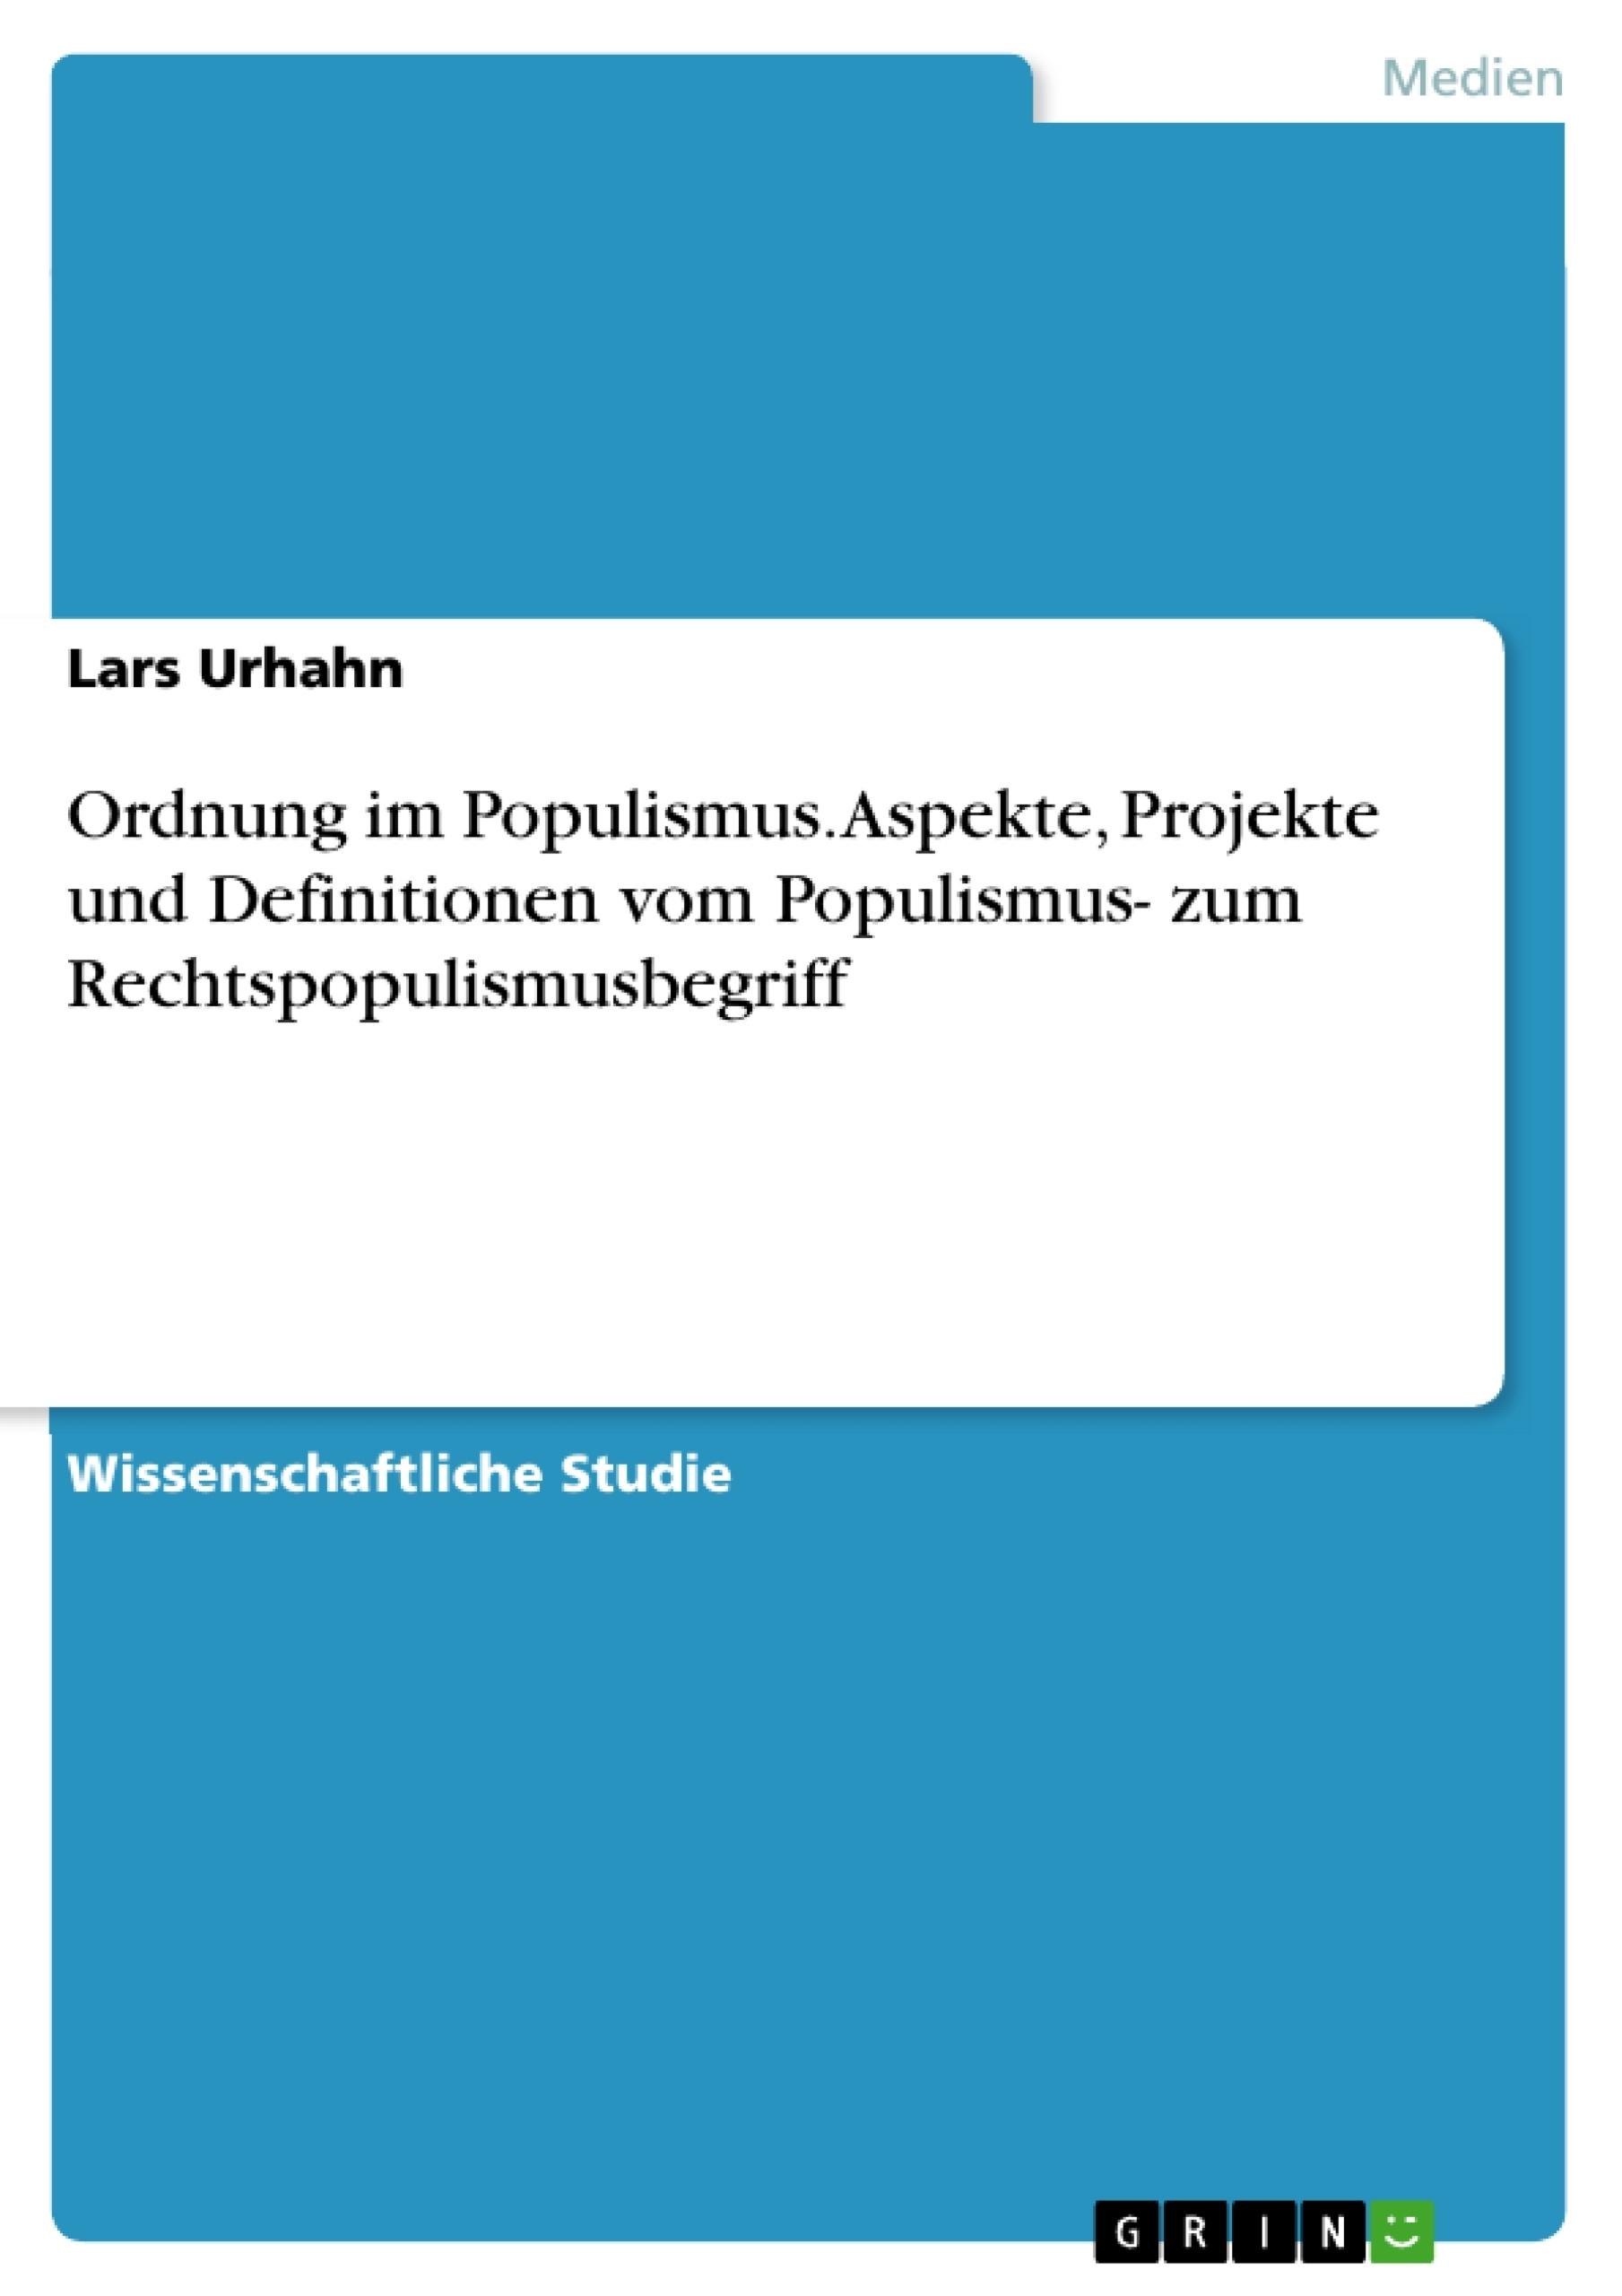 Titel: Ordnung im Populismus. Aspekte, Projekte und Definitionen vom Populismus- zum Rechtspopulismusbegriff